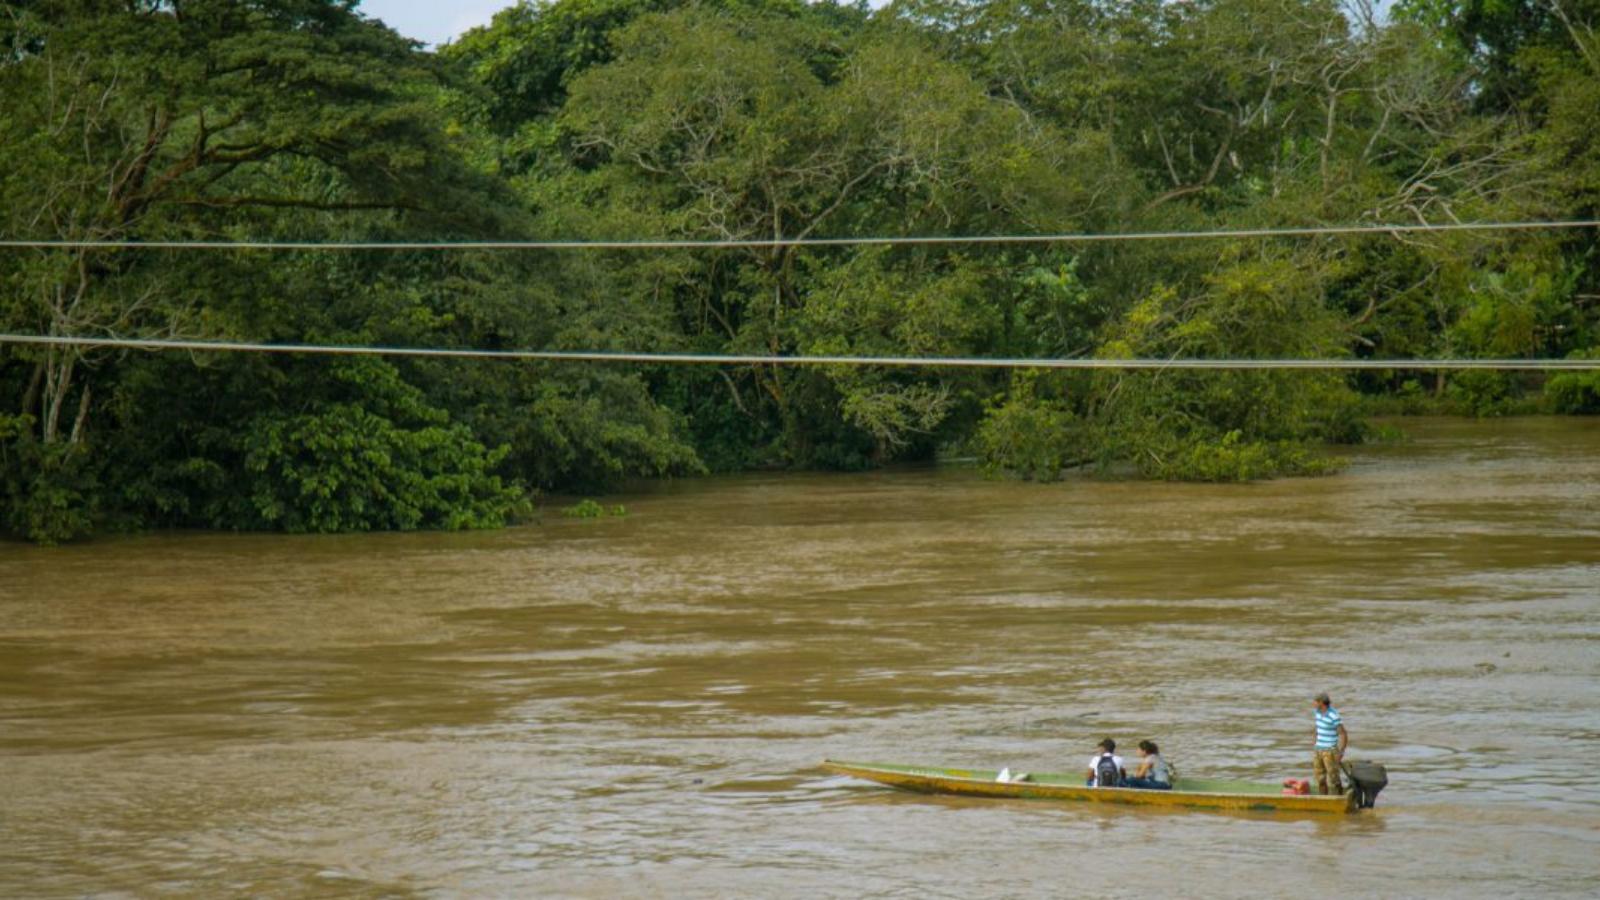 Alerta por incremento de migrantes en paso ilegal por el río Arauca